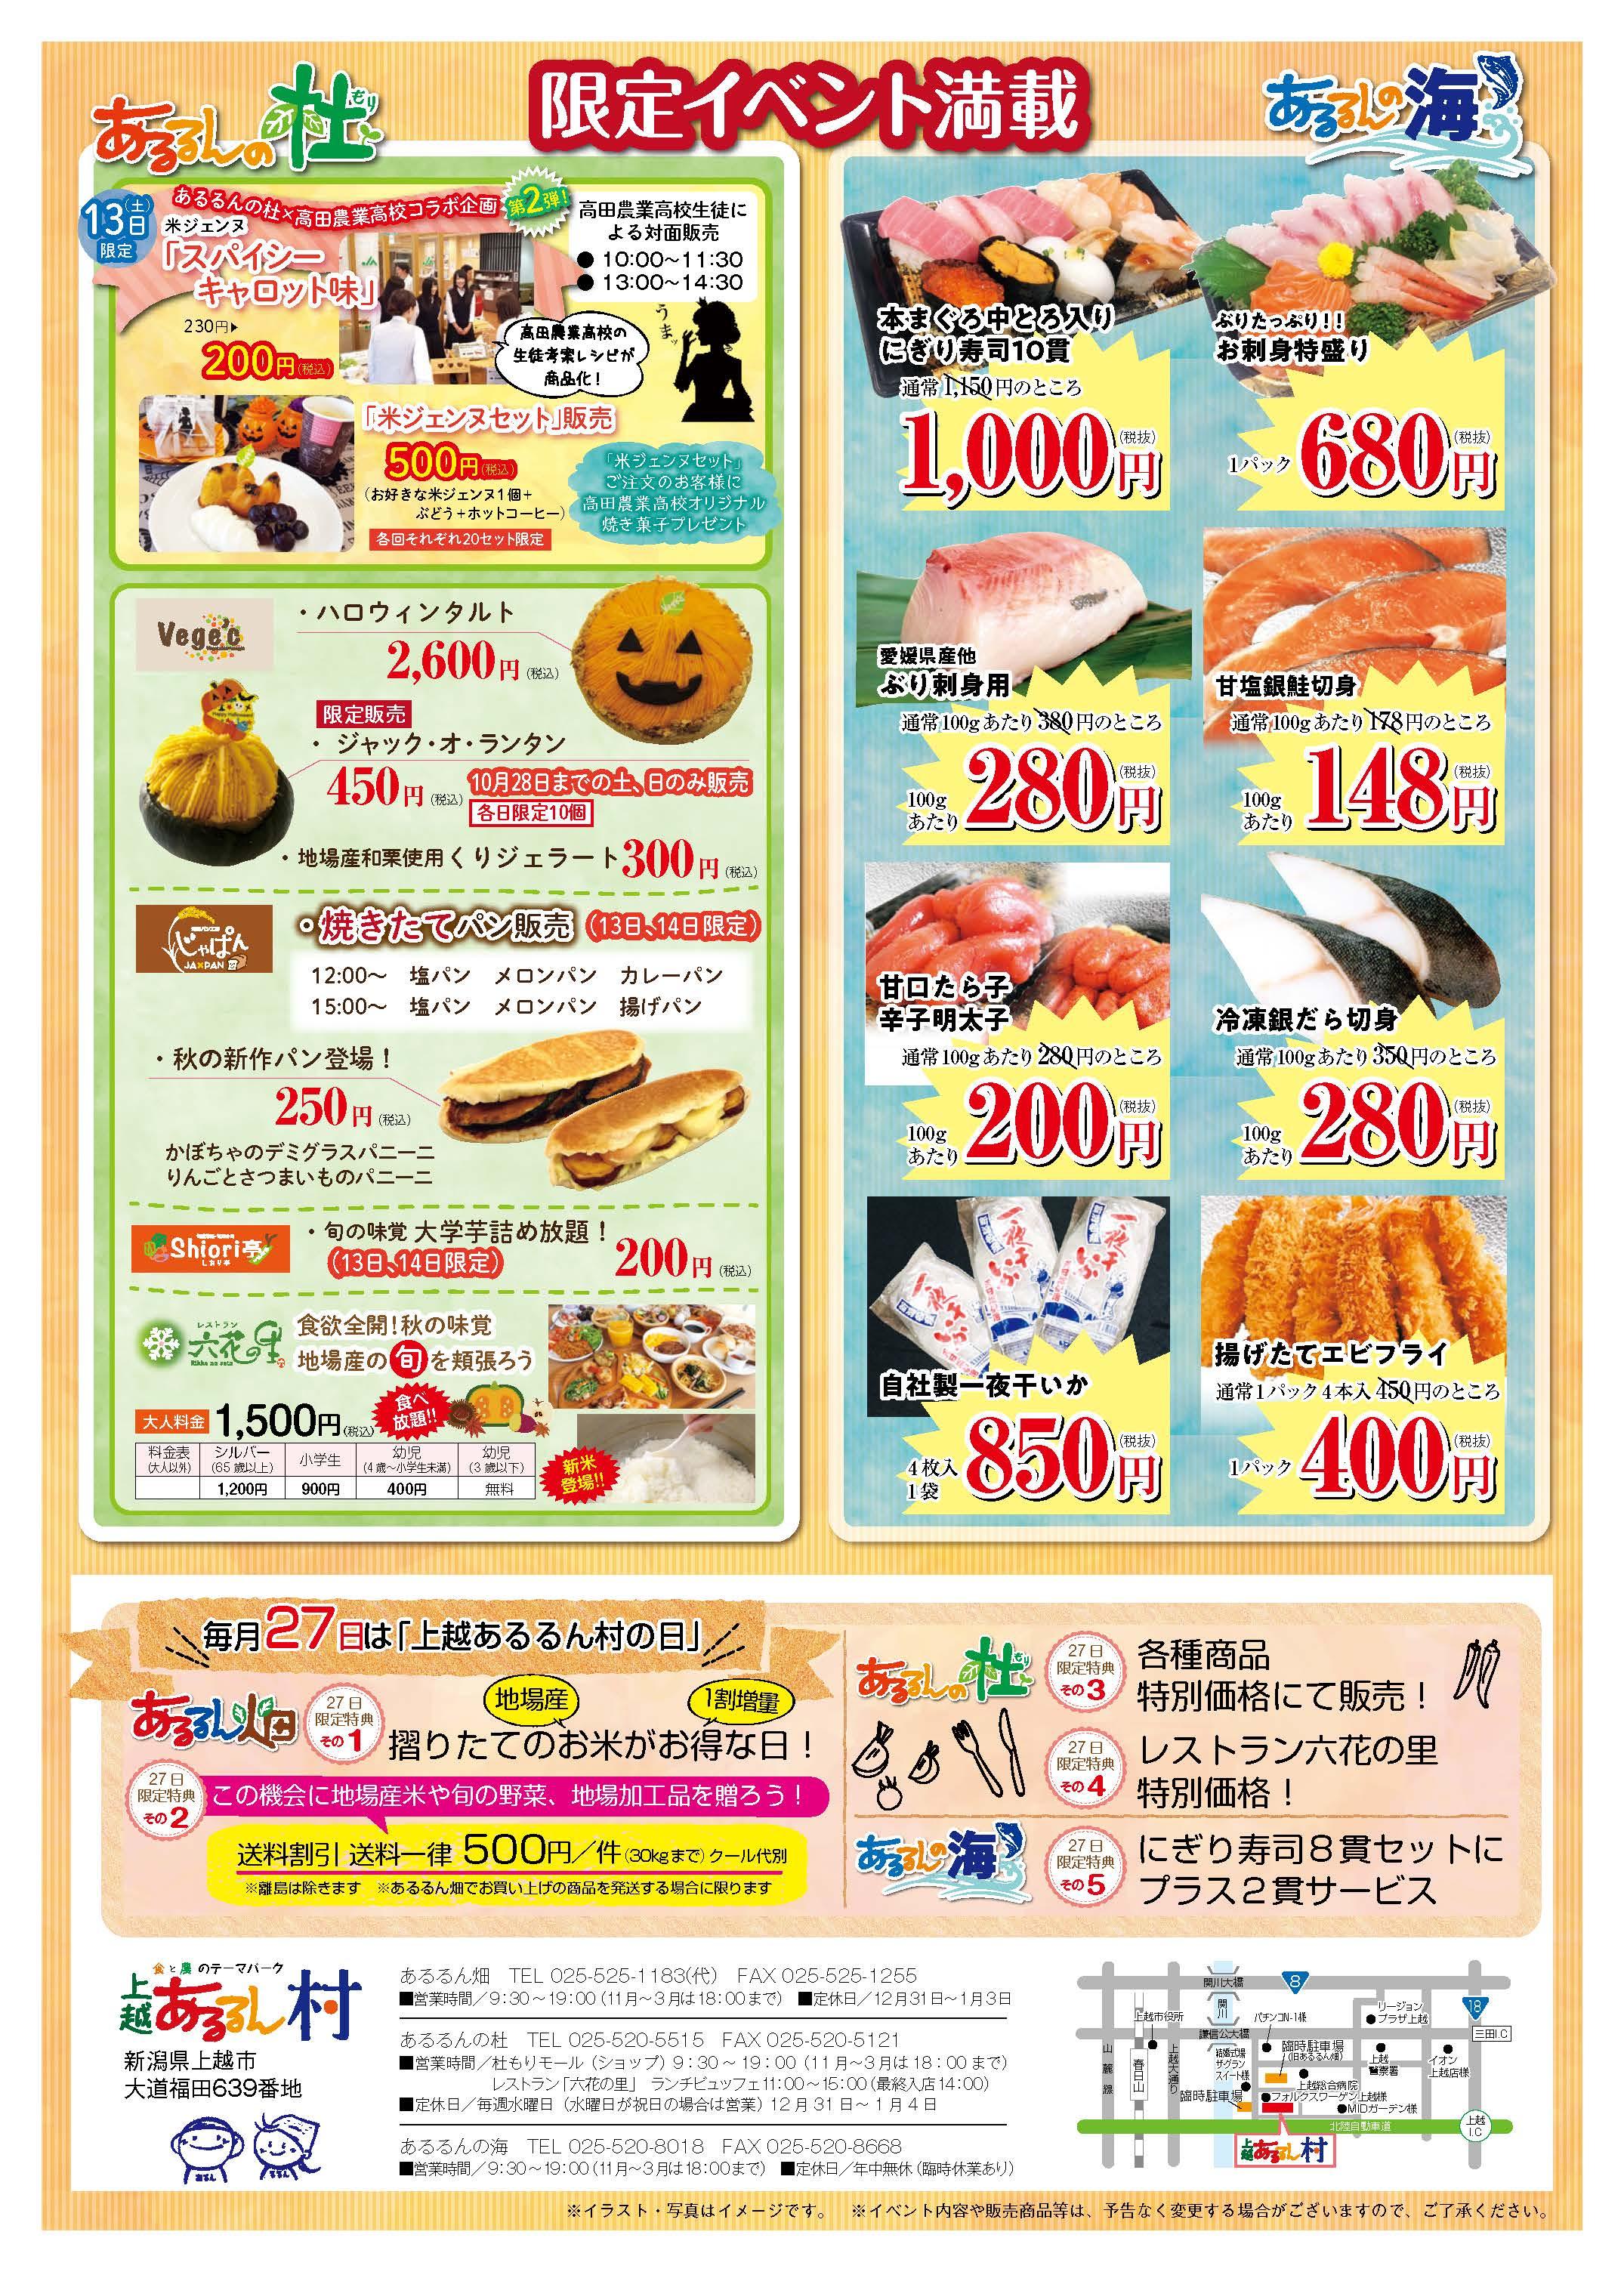 あるるん村収穫感謝祭チラシ_最終_ページ_2